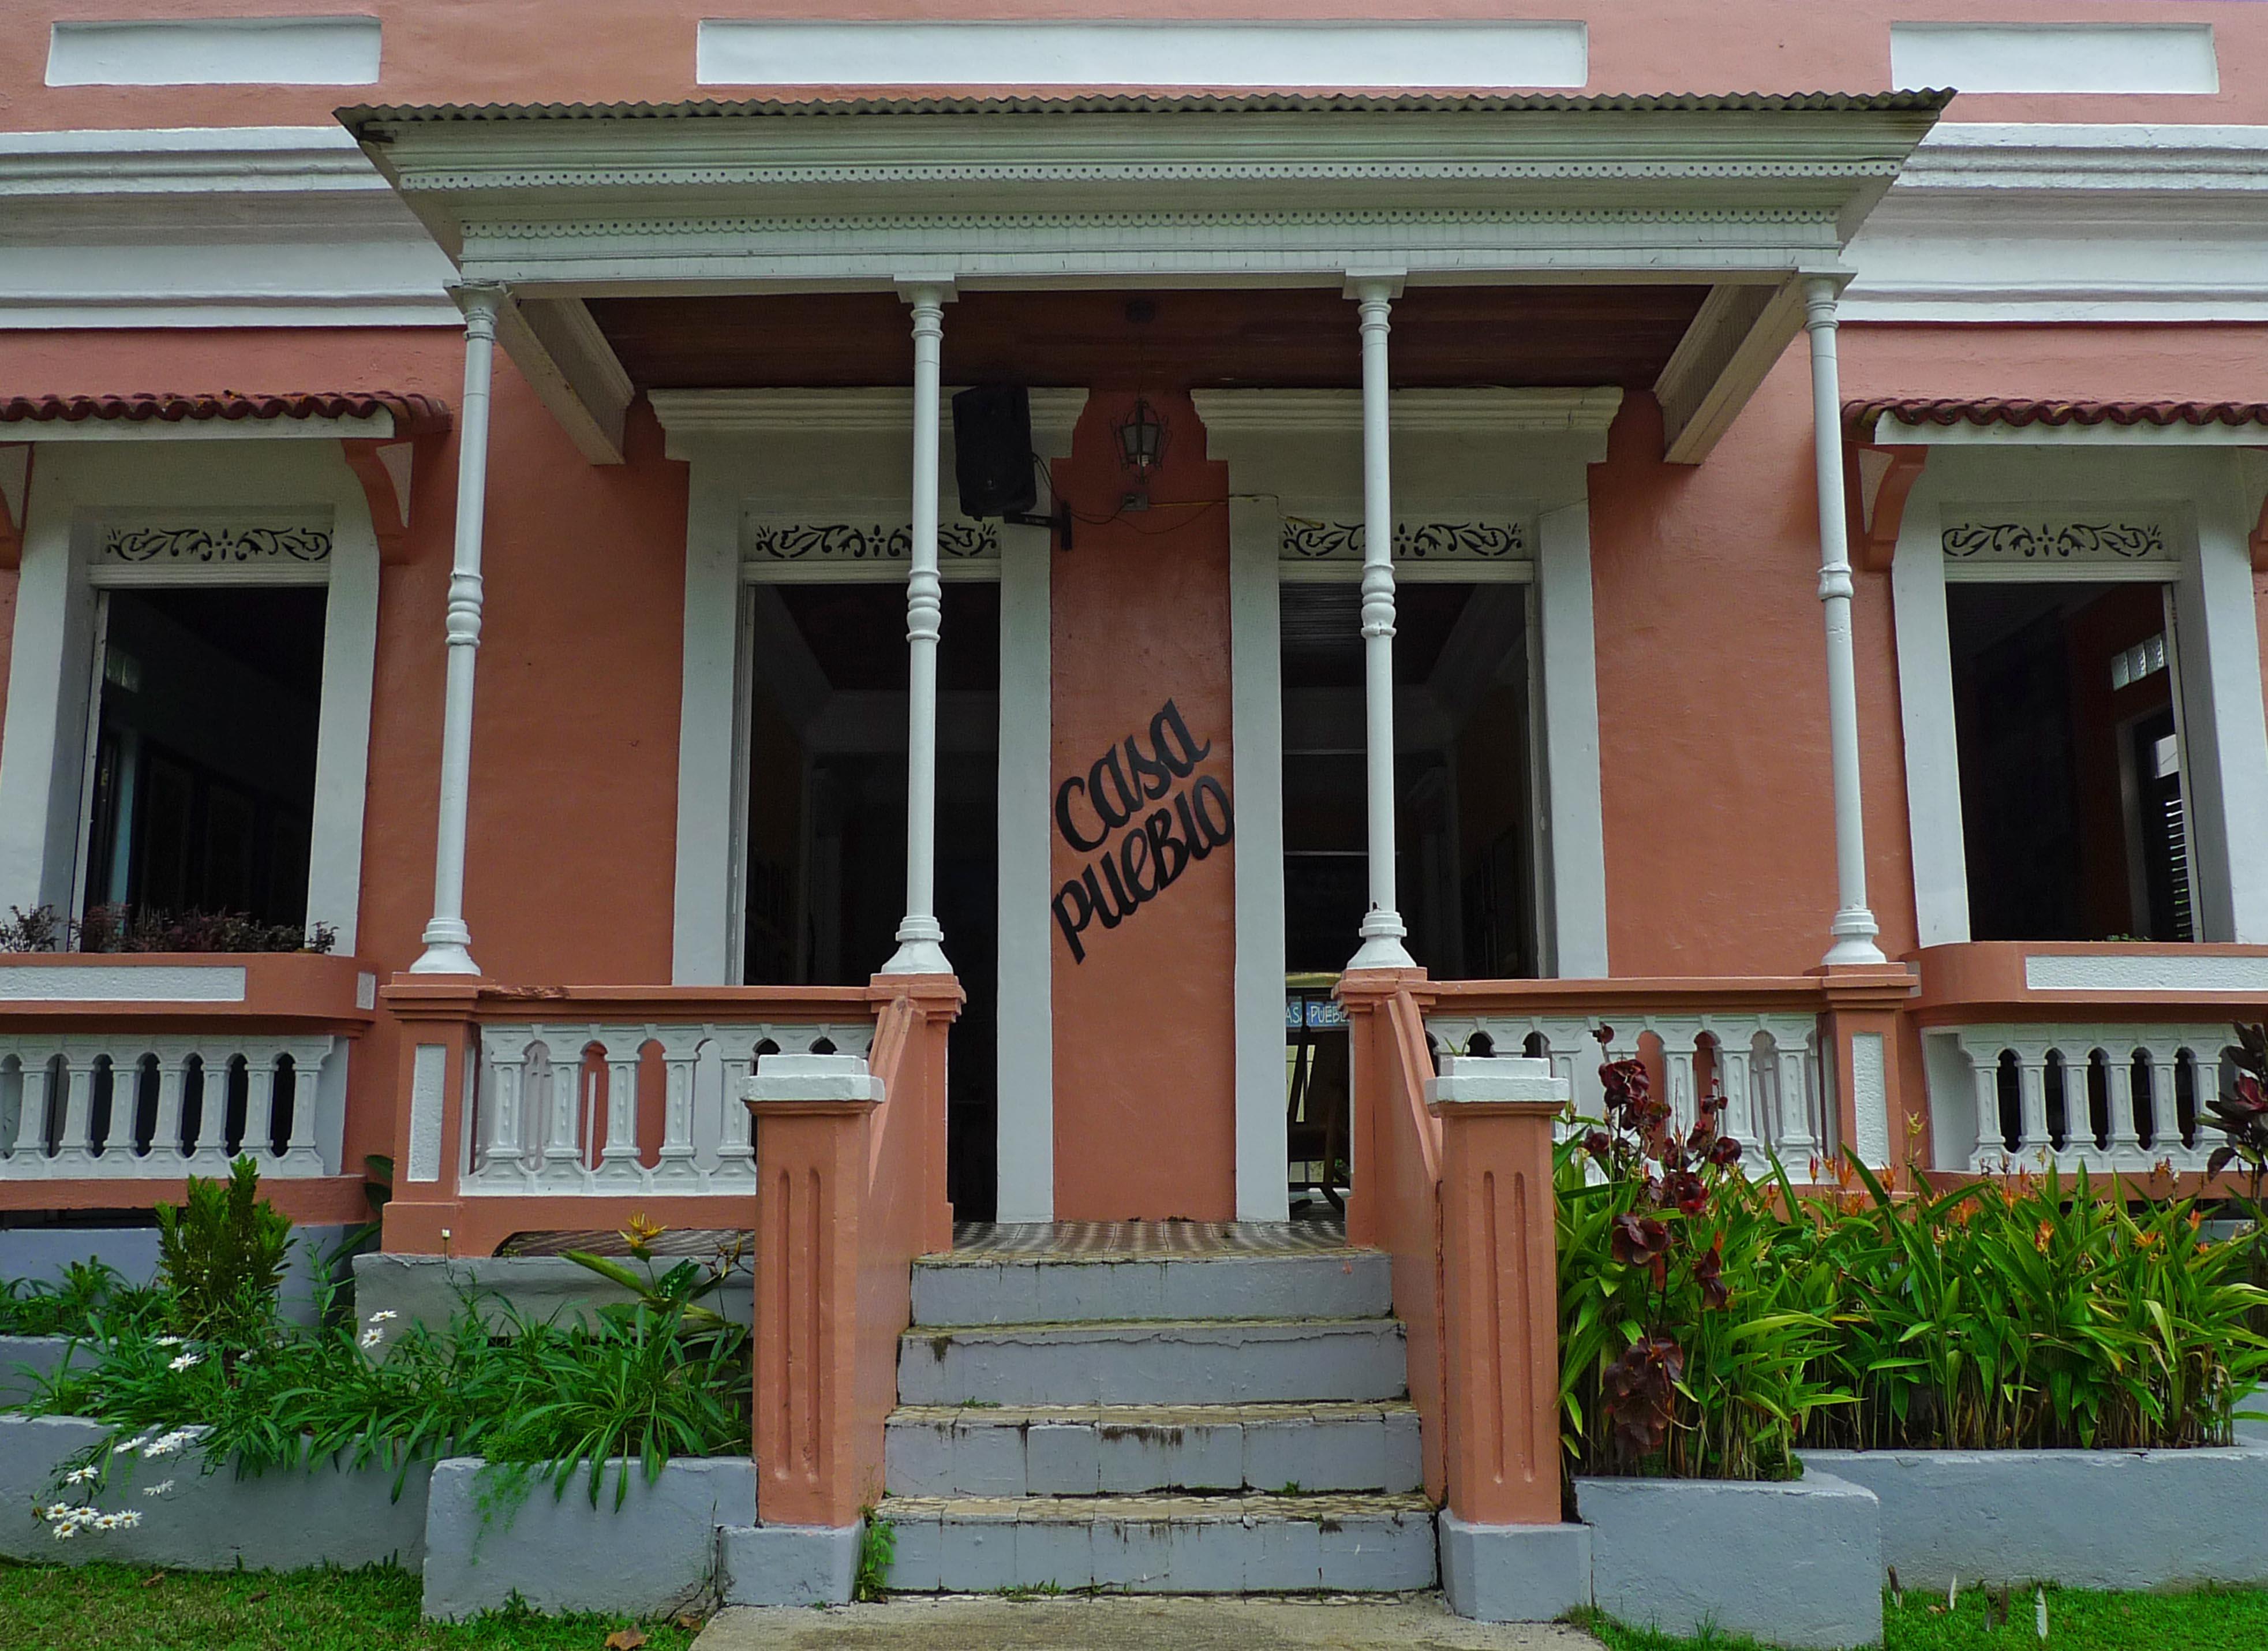 Casa pueblo casa pueblo puerto rico - Casa pueblo fotos ...